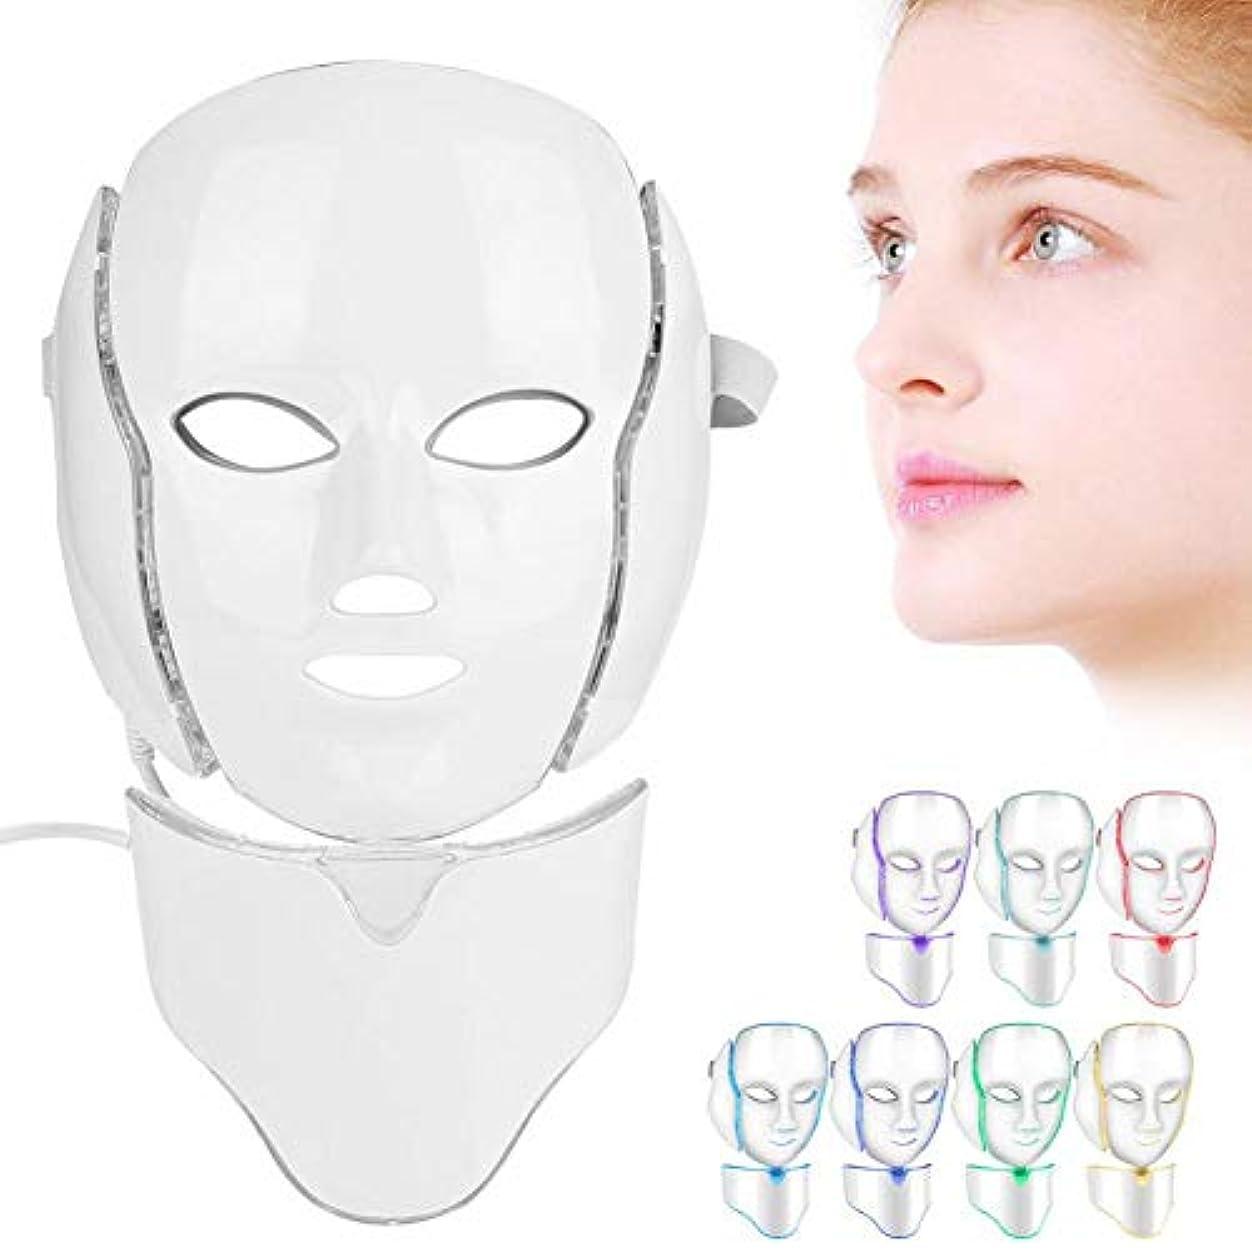 水分船誰首、軽い皮の若返り療法の顔のスキンケアのマスクが付いているLED 7色の軽い療法のマスク